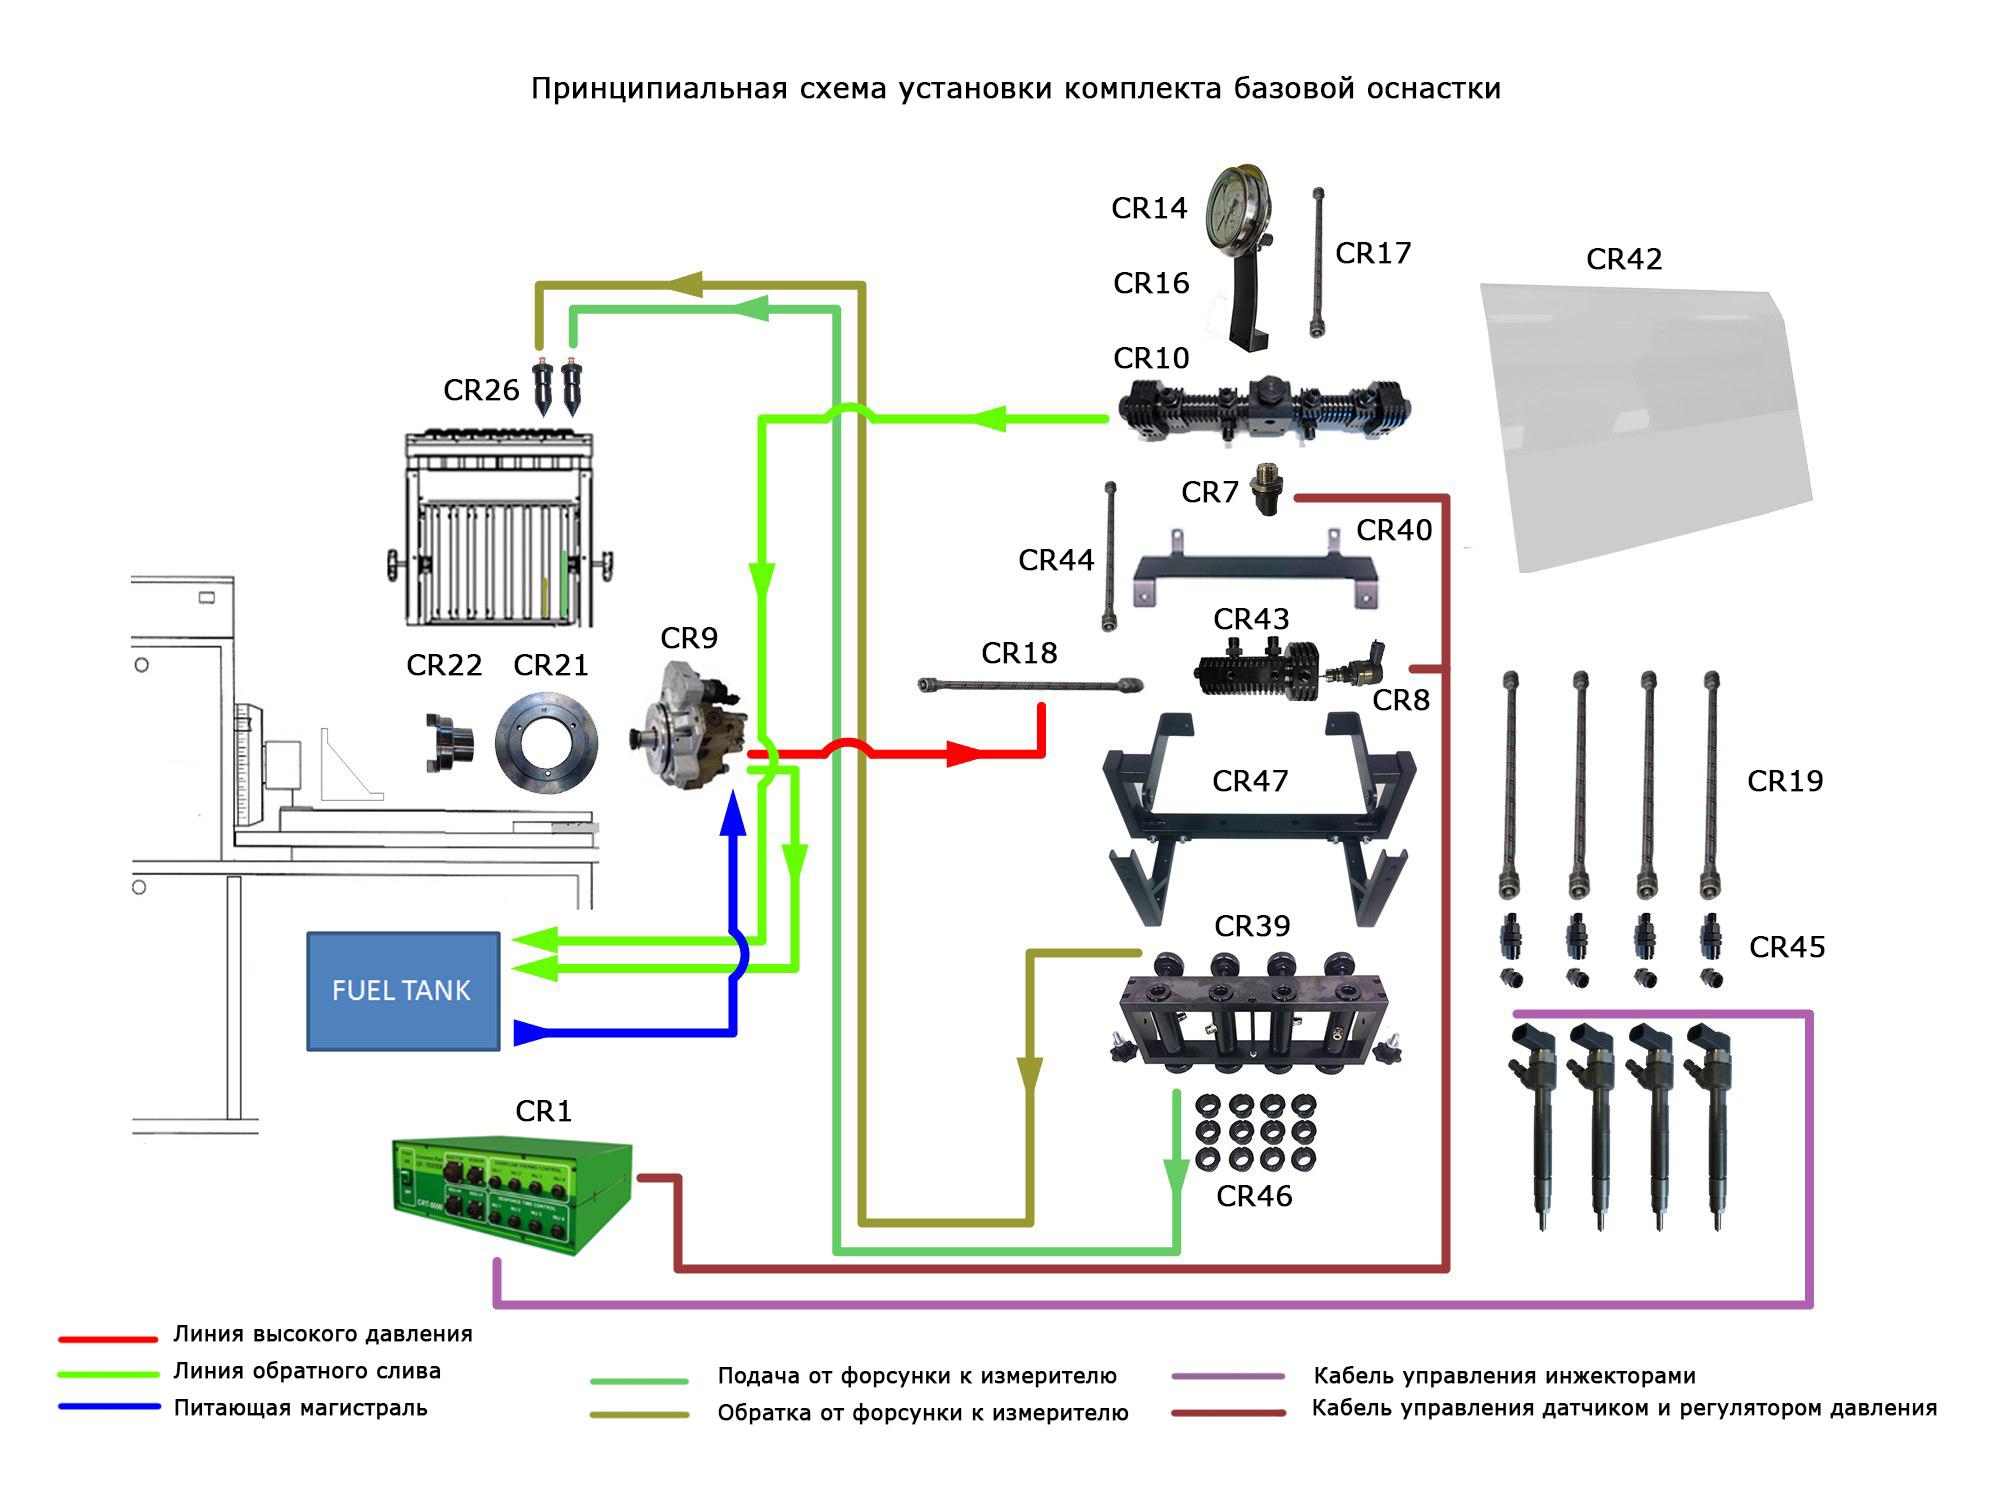 Схема установки комплекта базовой оснастки - DL-CR10030